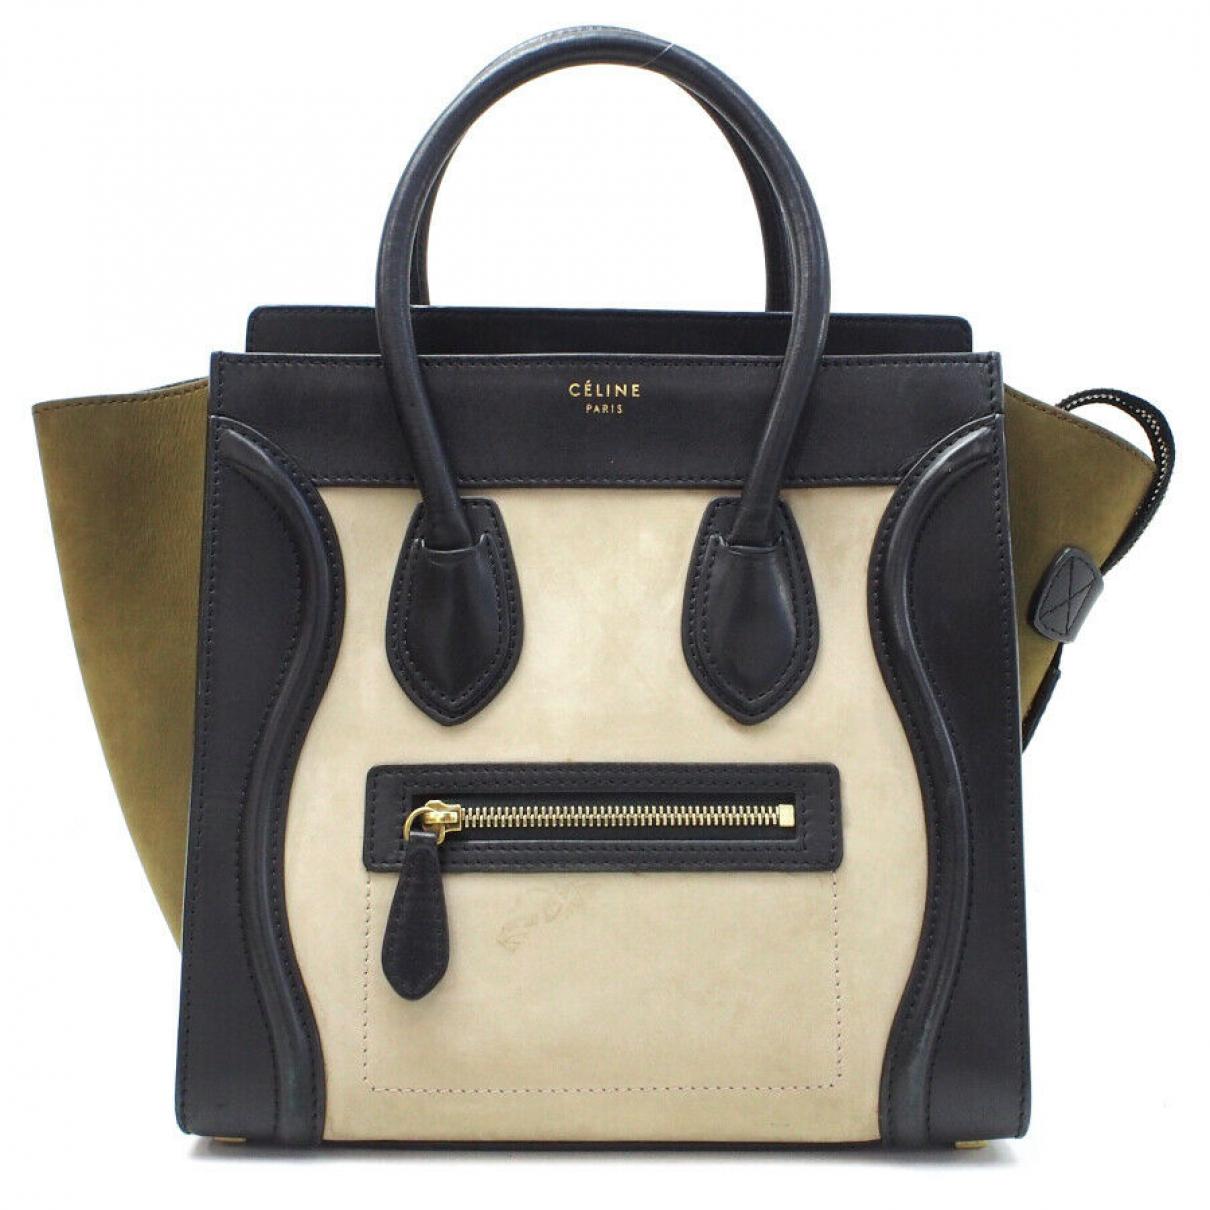 Celine N Leather handbag for Women N